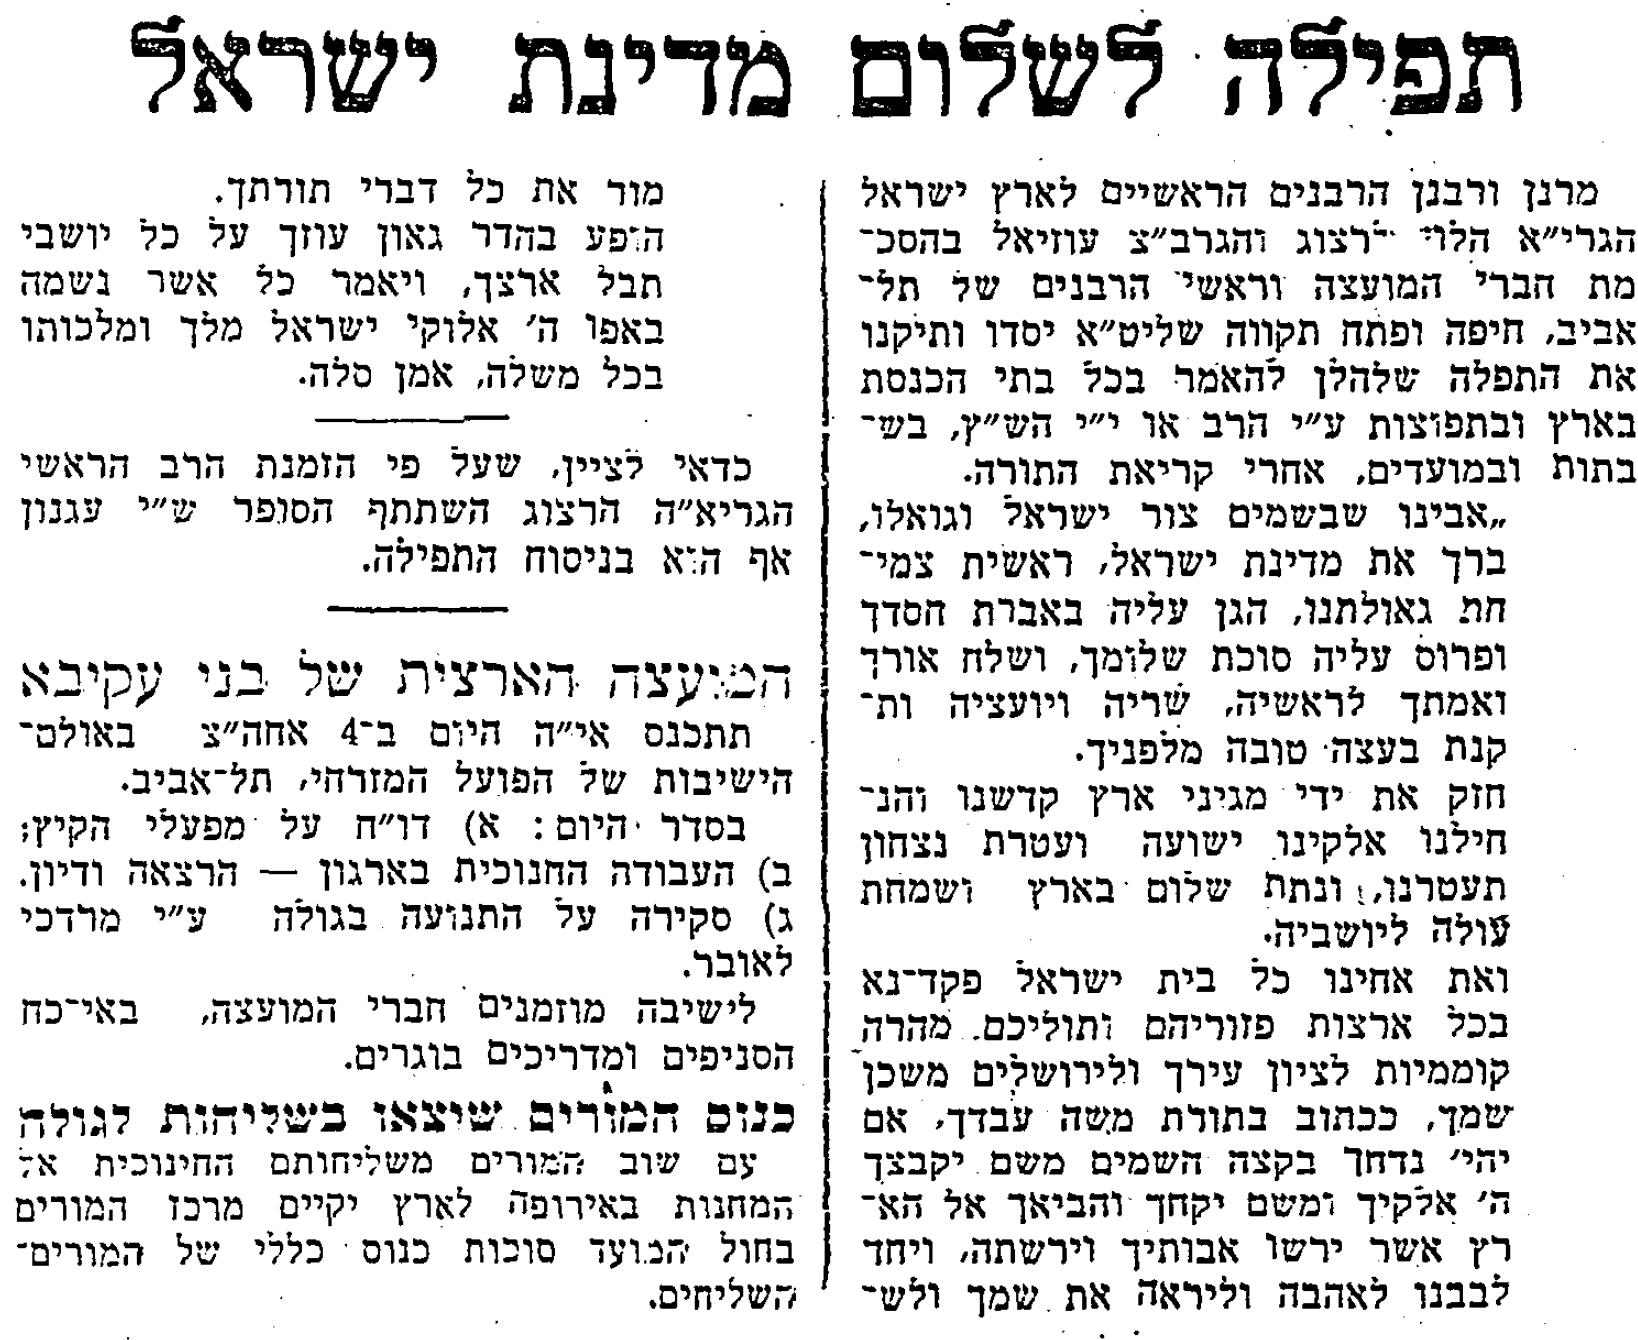 תפילה לשלום מדינת ישראל   Prayer for the Welfare of the